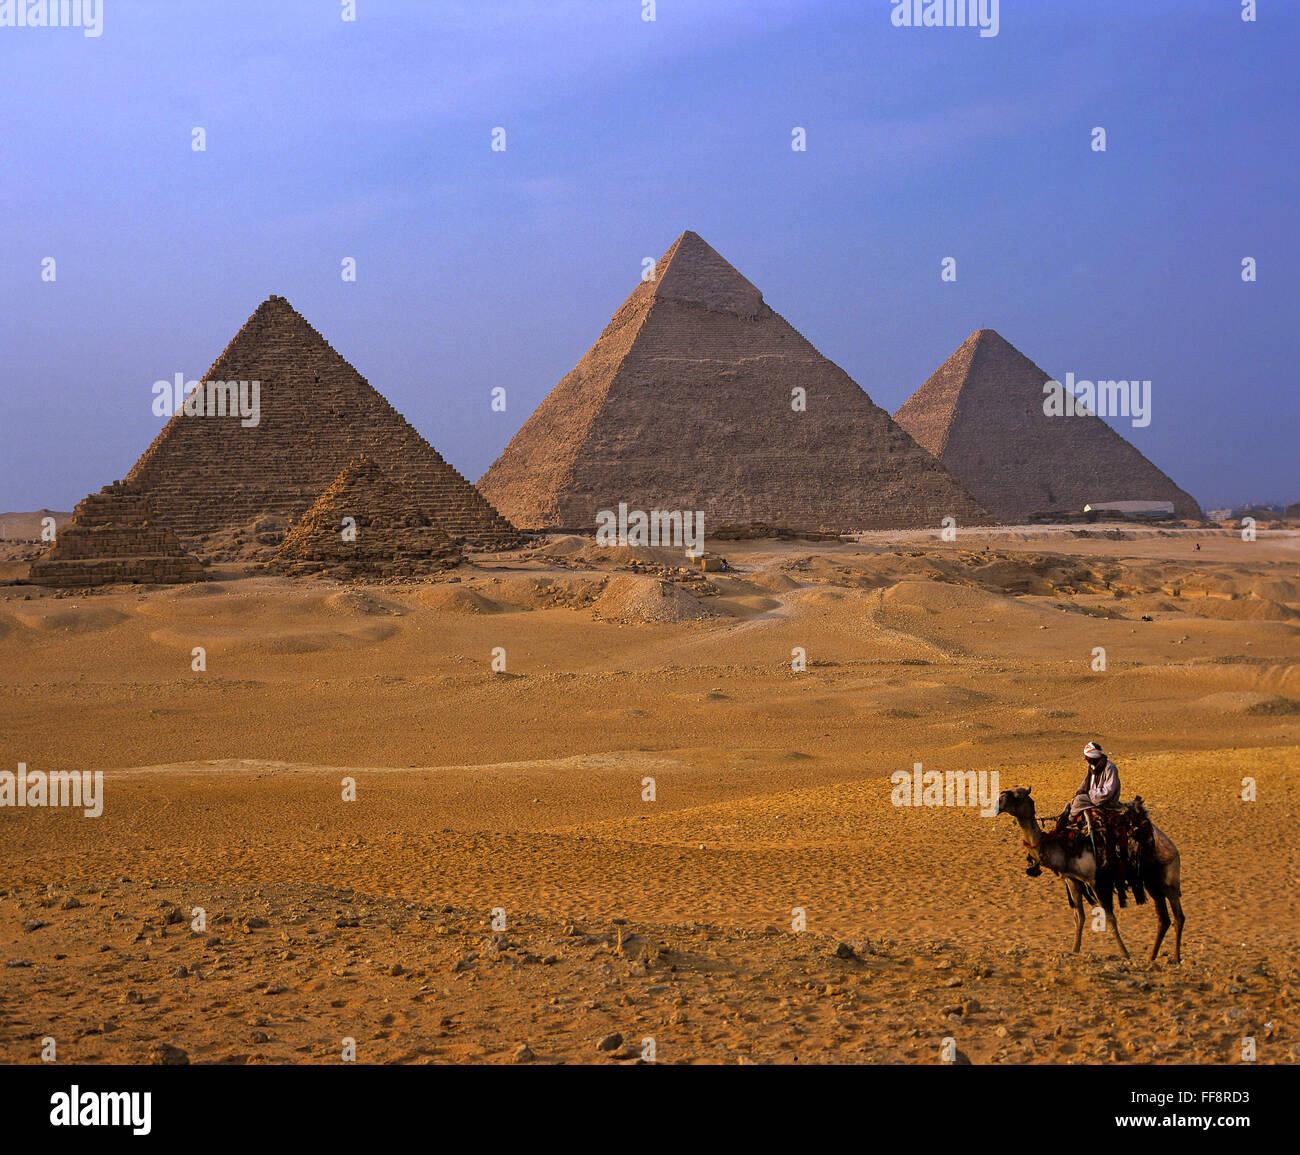 Camello y pirámides, la meseta de Giza, en El Cairo, Egipto, África Imagen De Stock